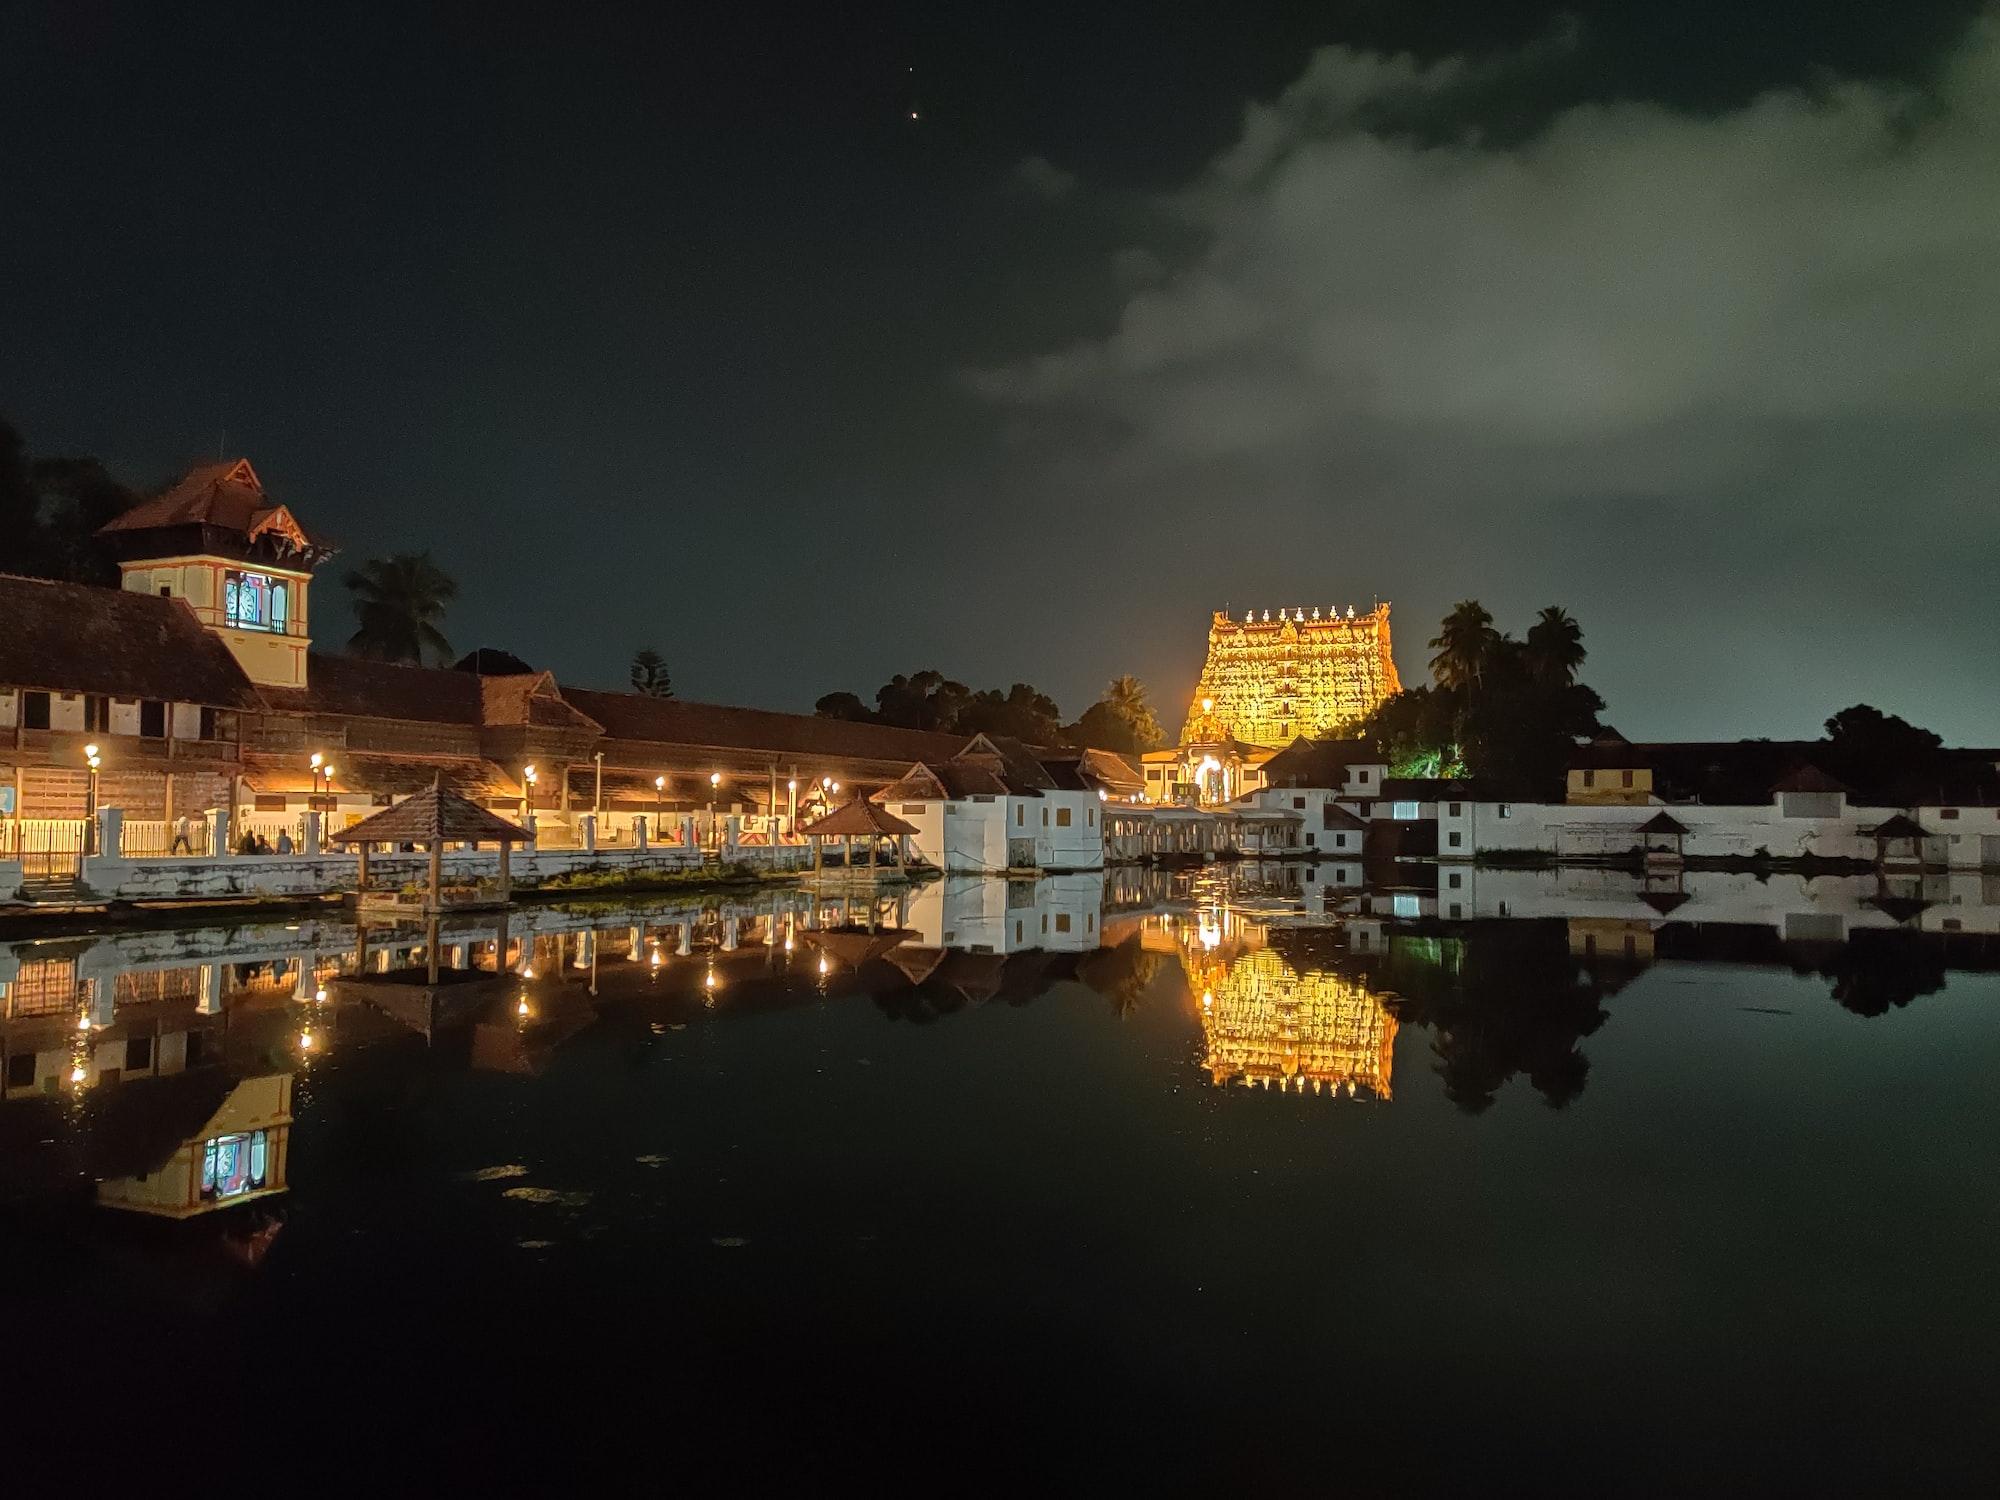 Sree Padmanabha Swamy Temple, Thiruvananthapuram, Kerala, India